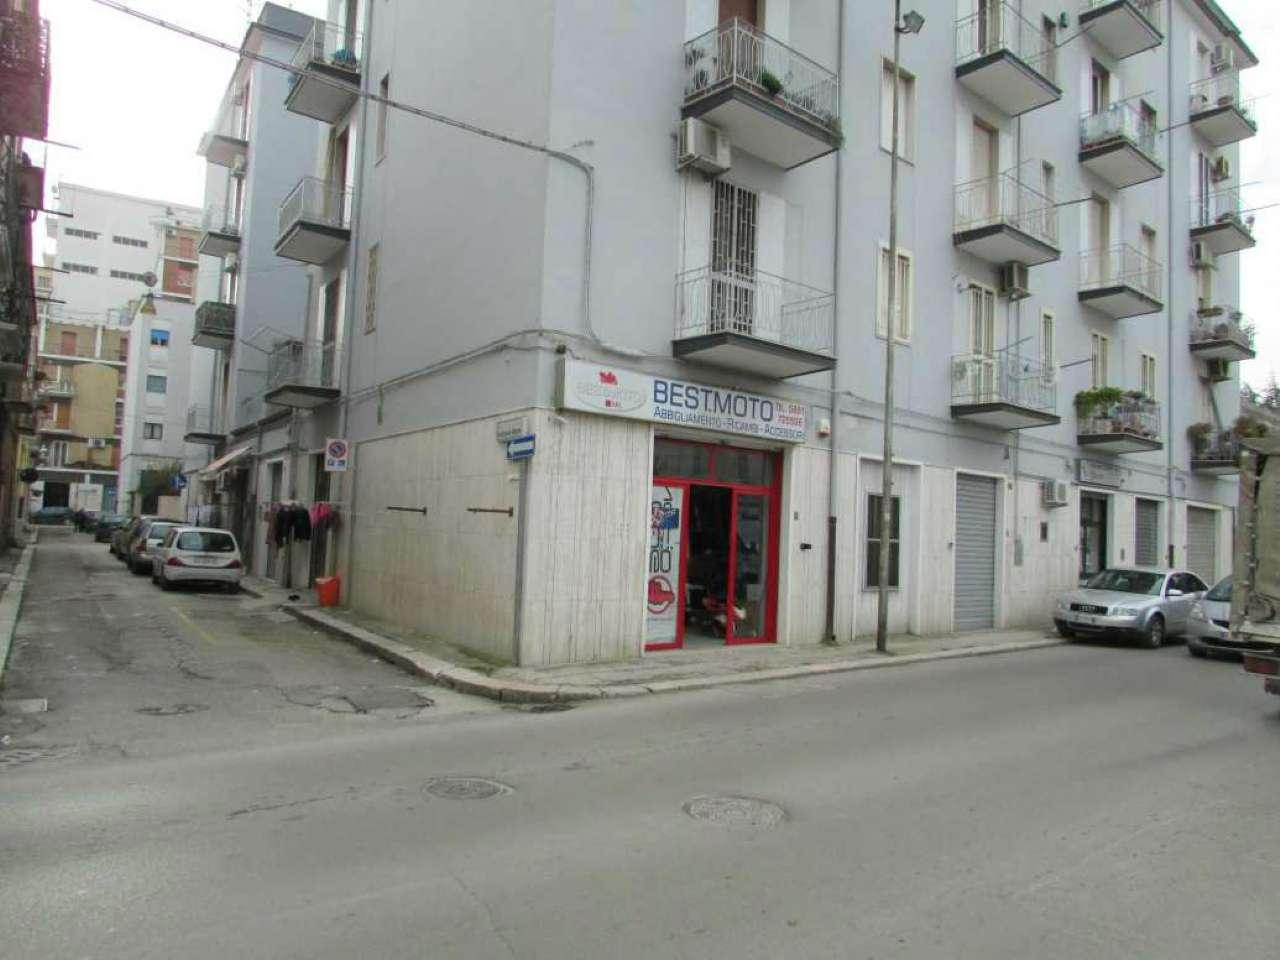 Via Fuiani: Locale fronte strada libero